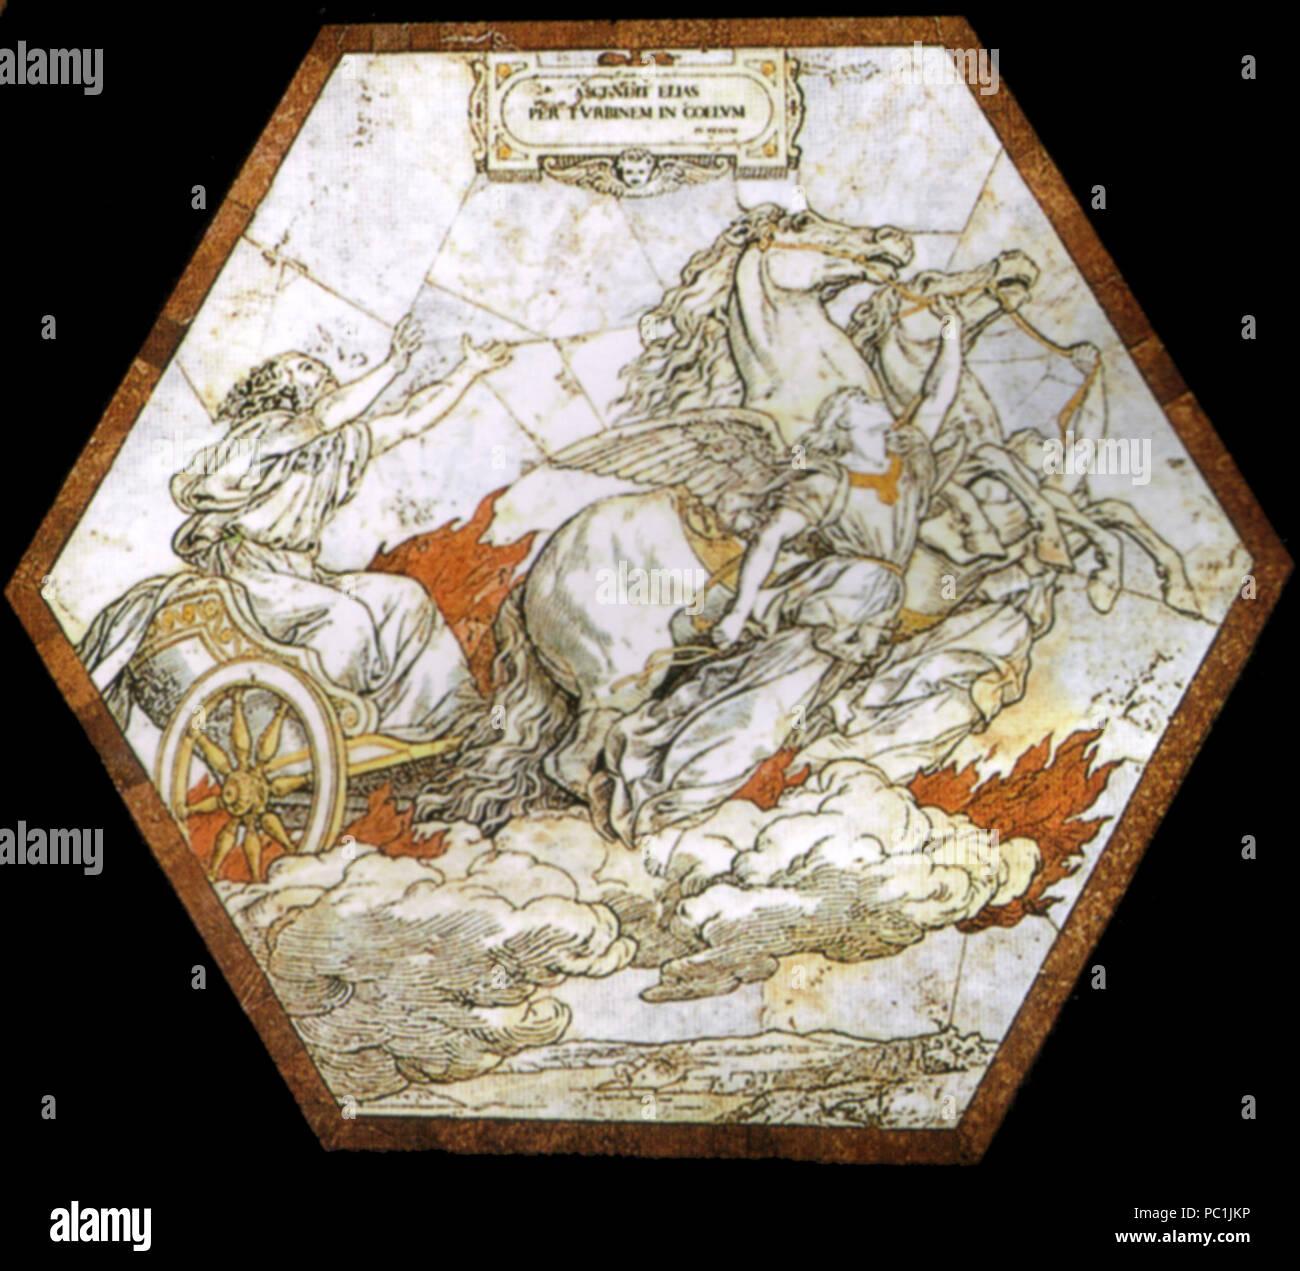 472 Pavimento di siena, LSE, Elia rapito in cielo col carro di fuoco (franchi) Banque D'Images